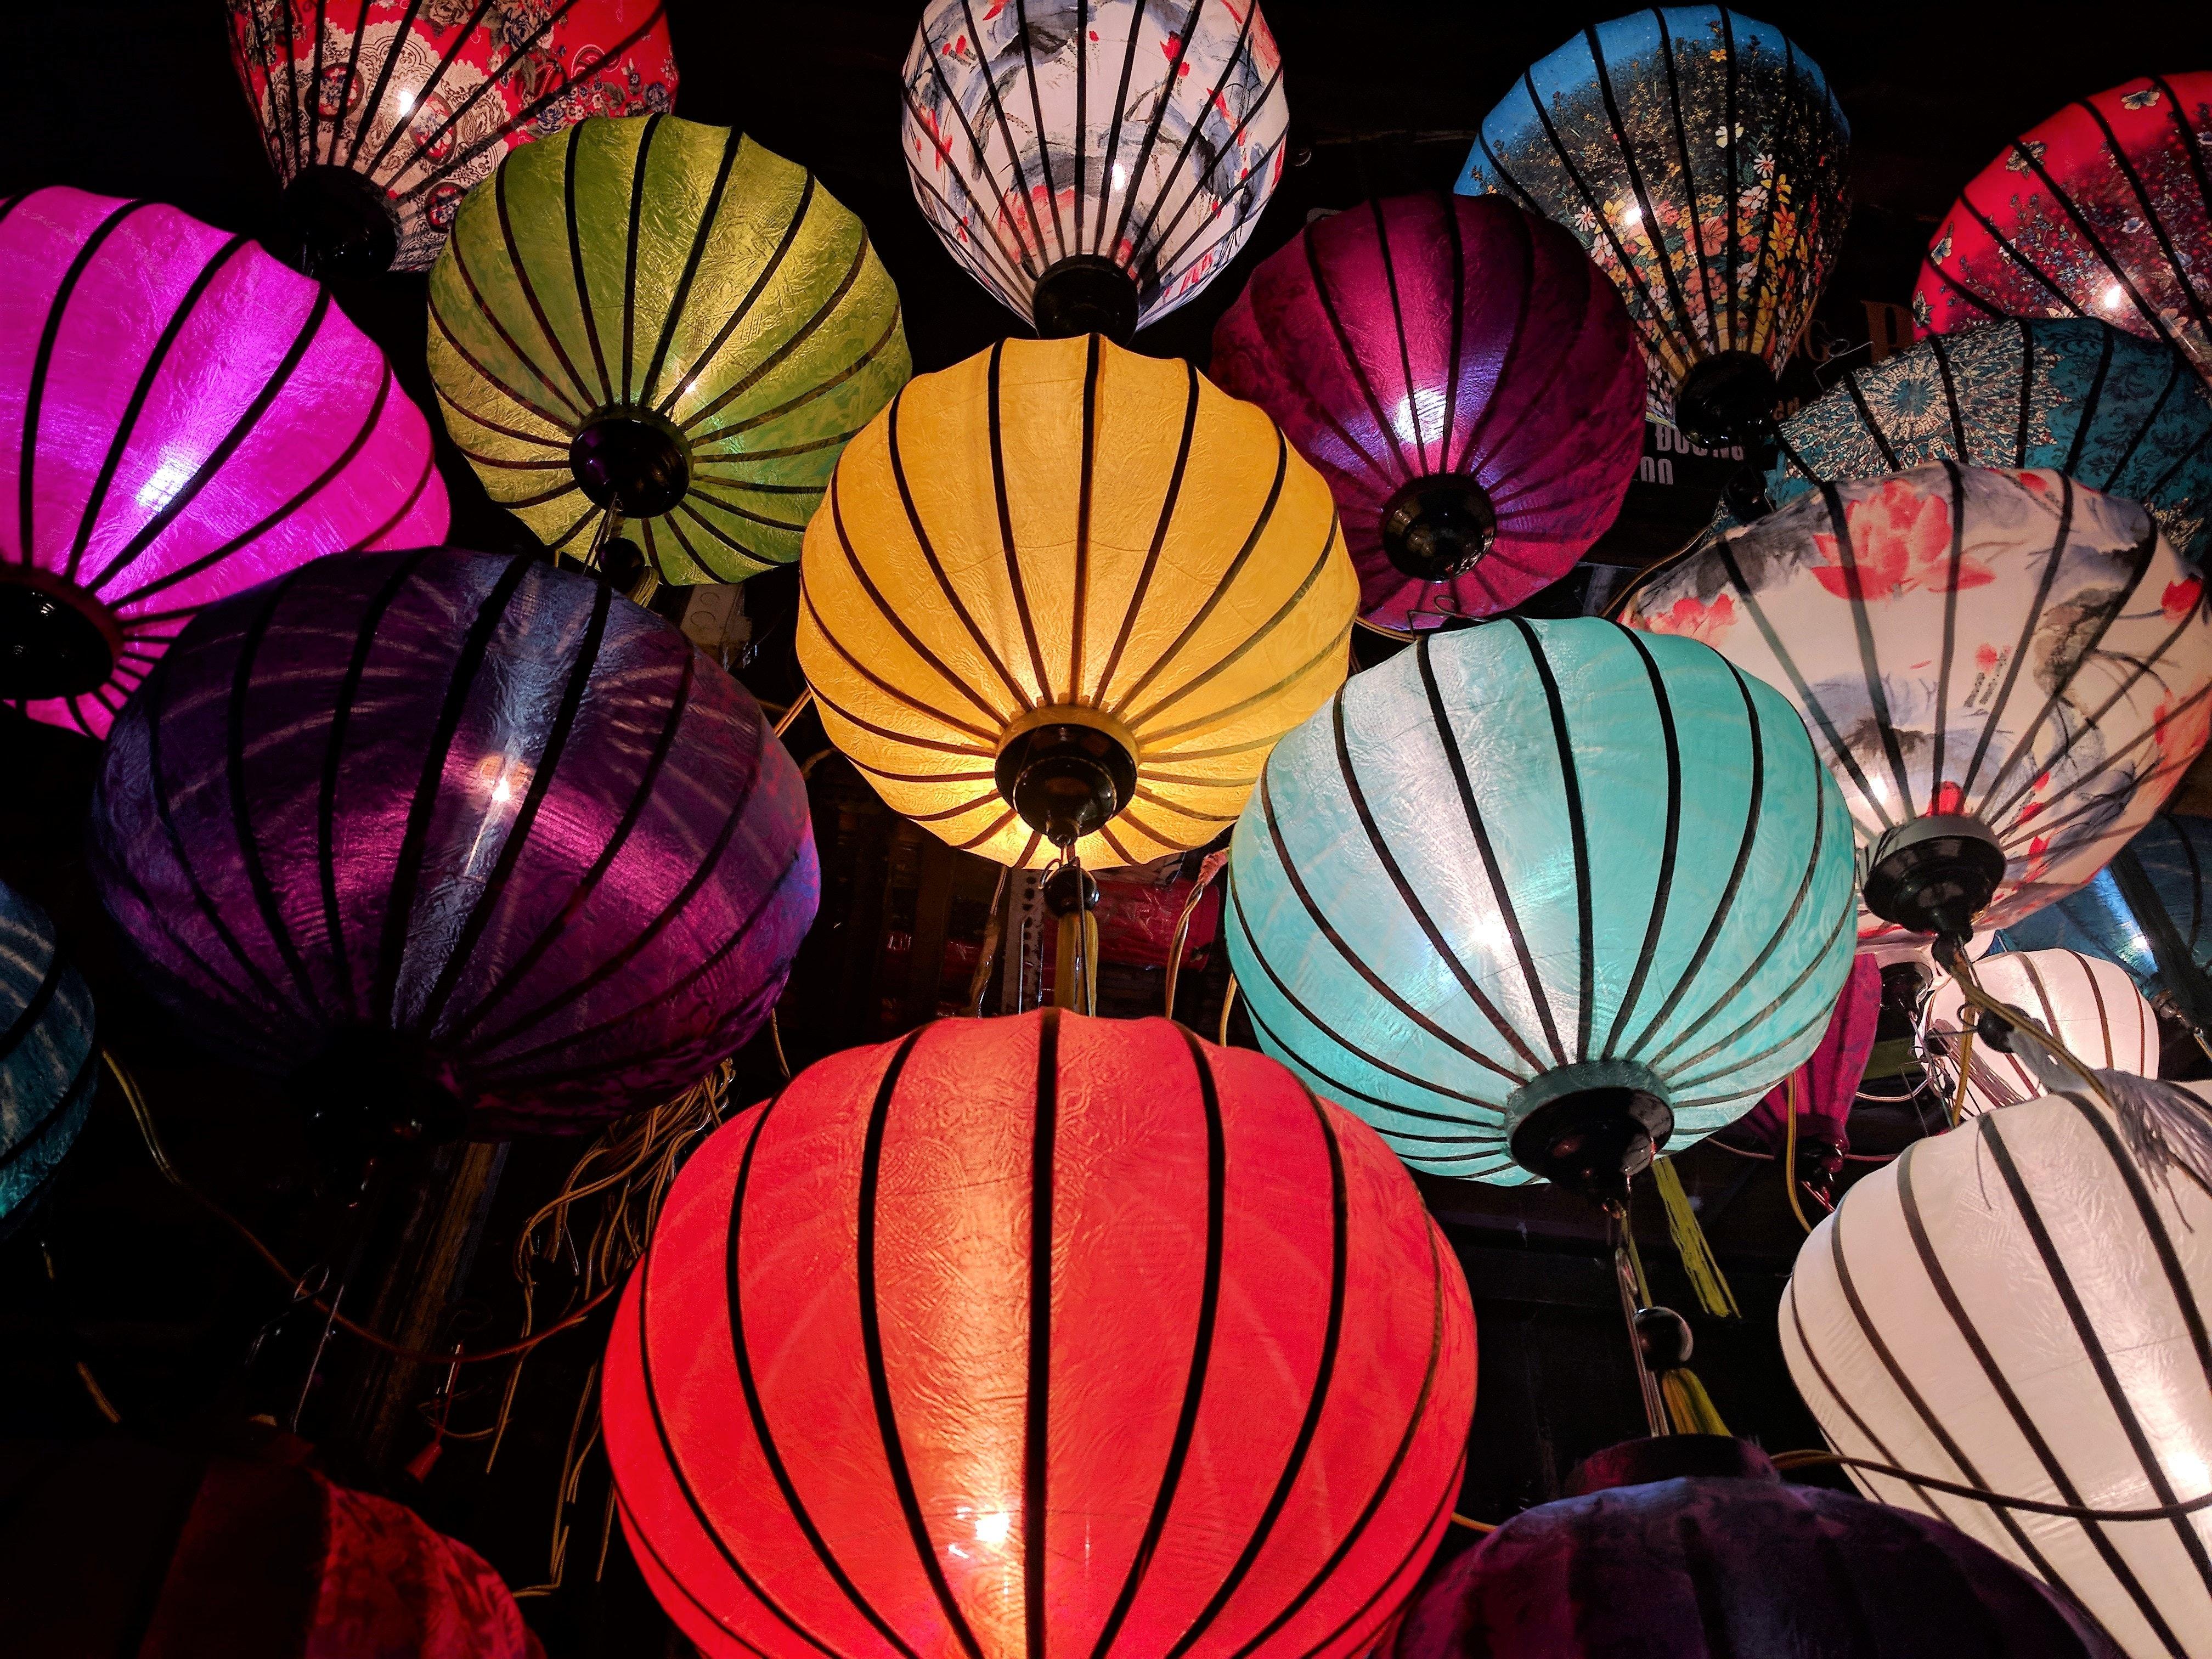 Decorazioni Con Lanterne Cinesi : Immagini belle arte luminosa lanterne cinesi colorato colori